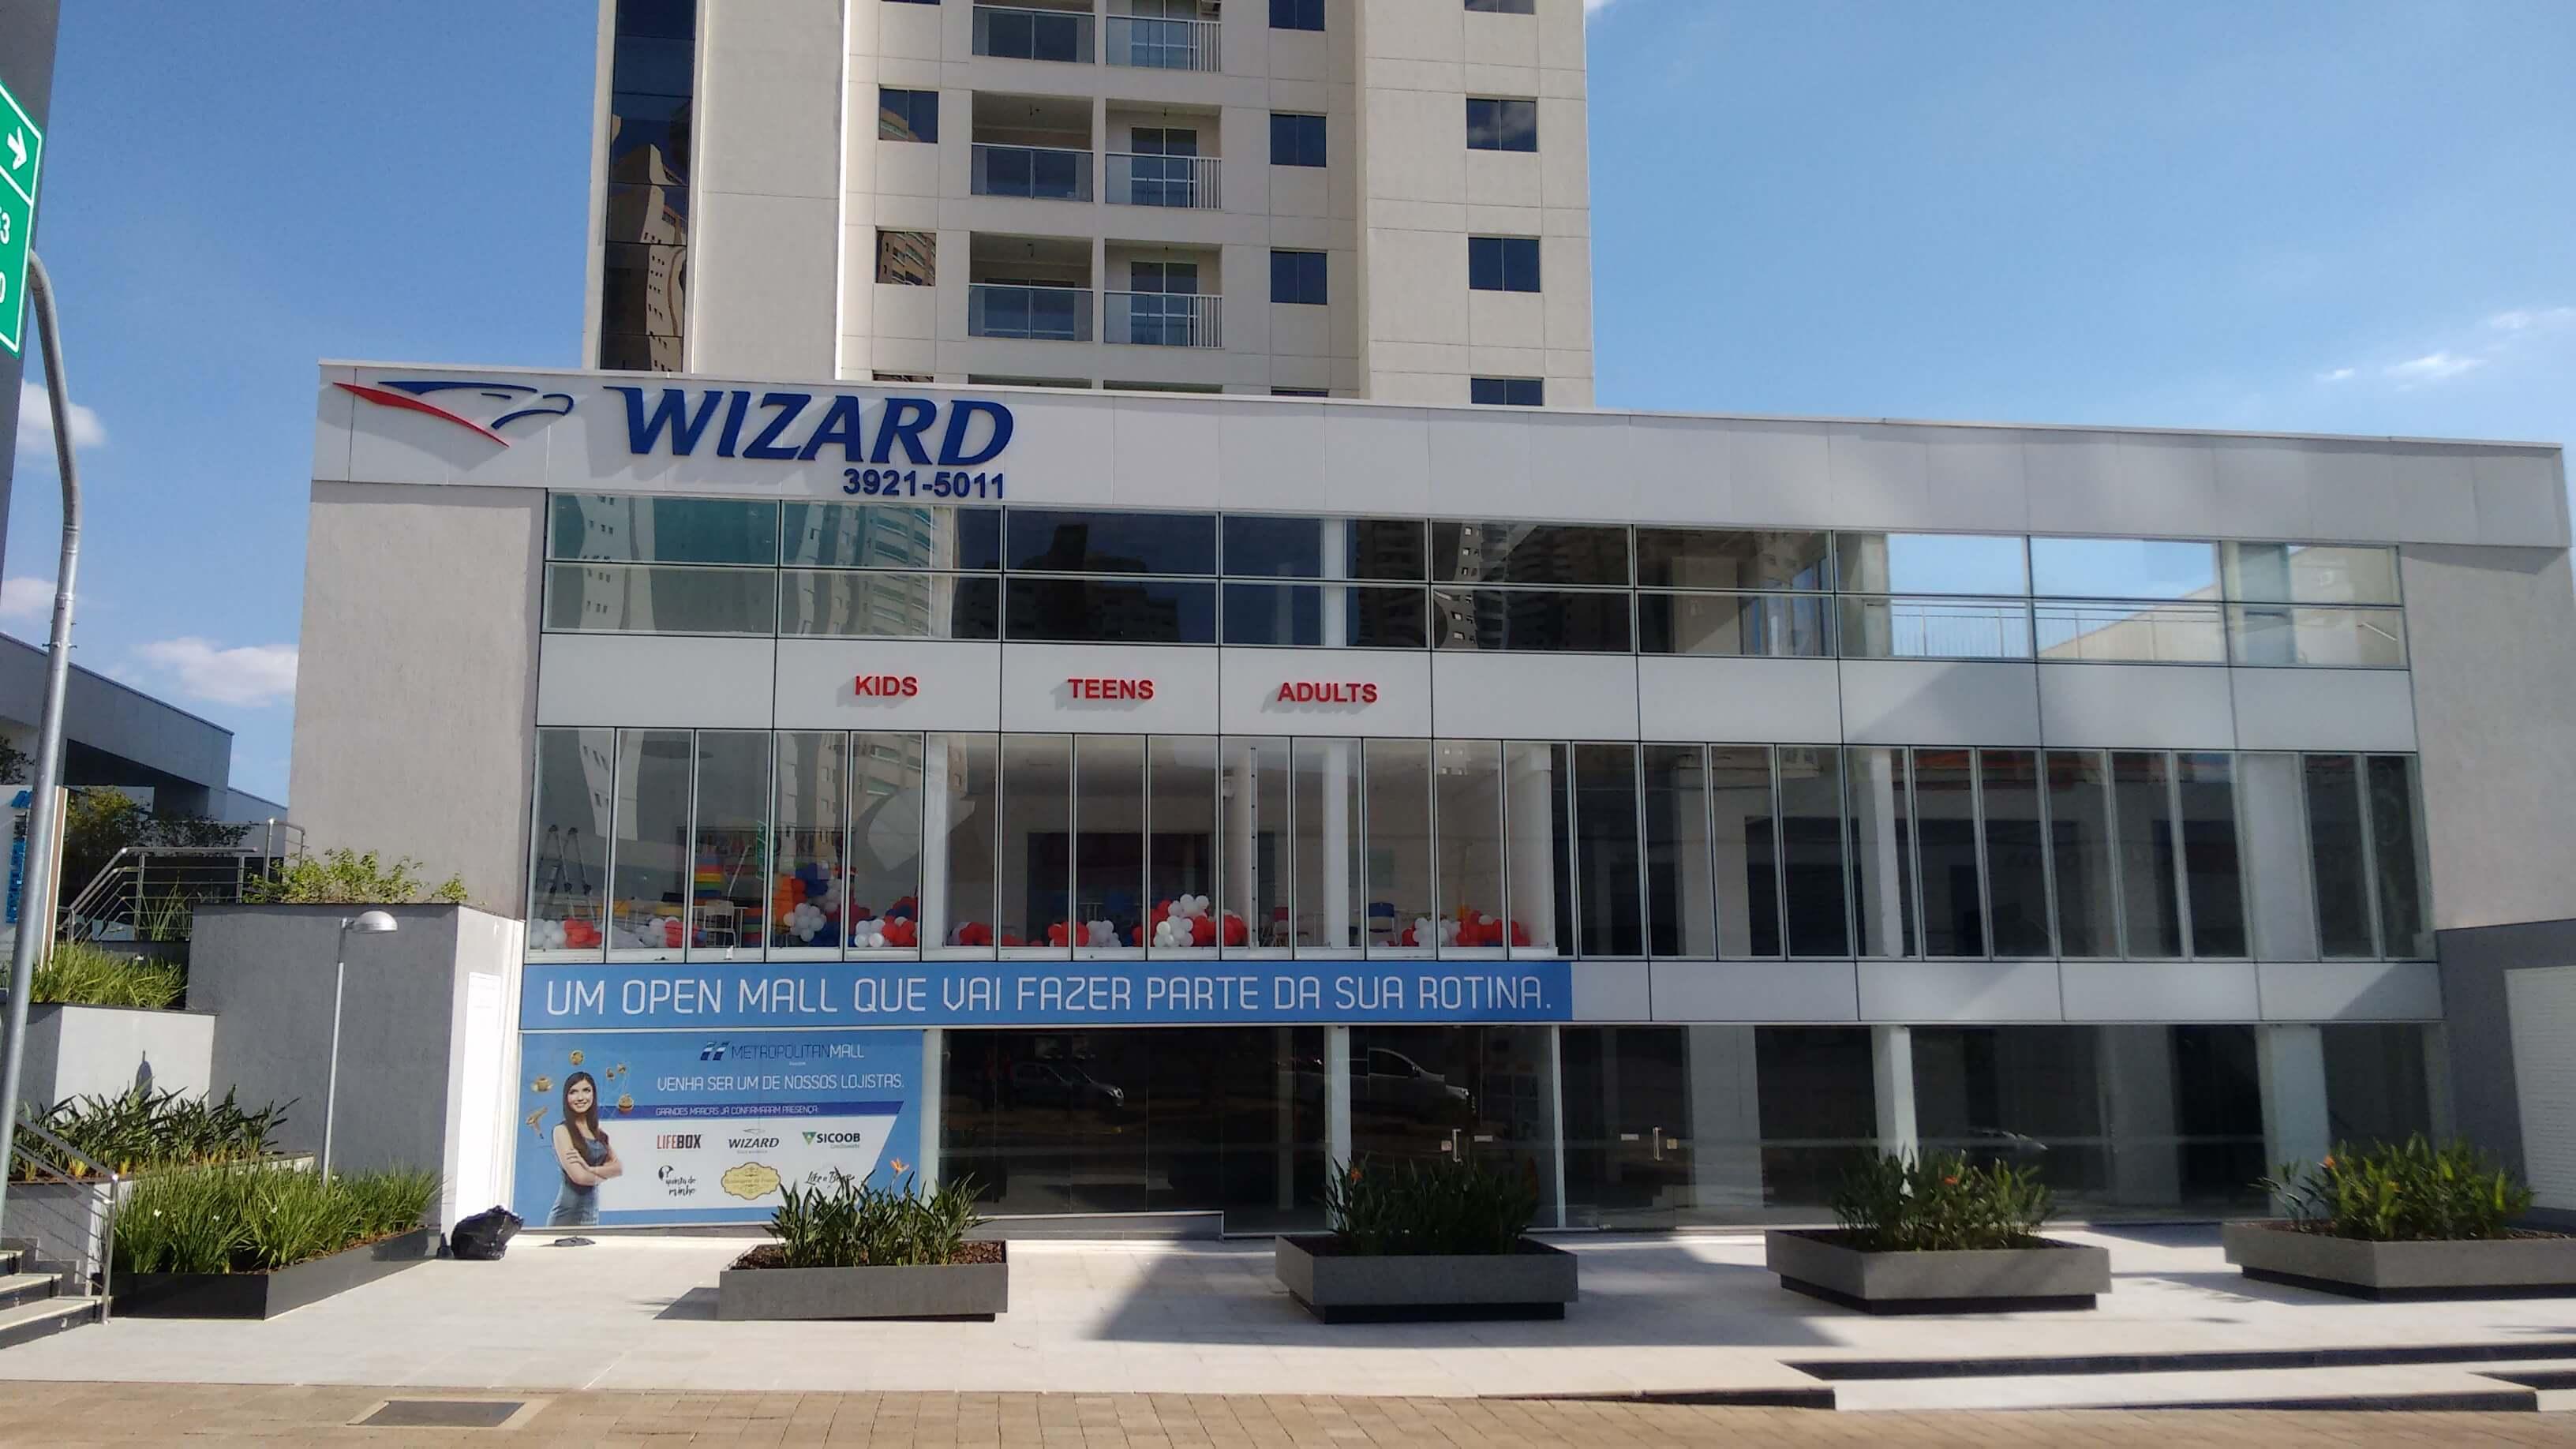 Imagem do serviço da fachada comercial escola Wizard